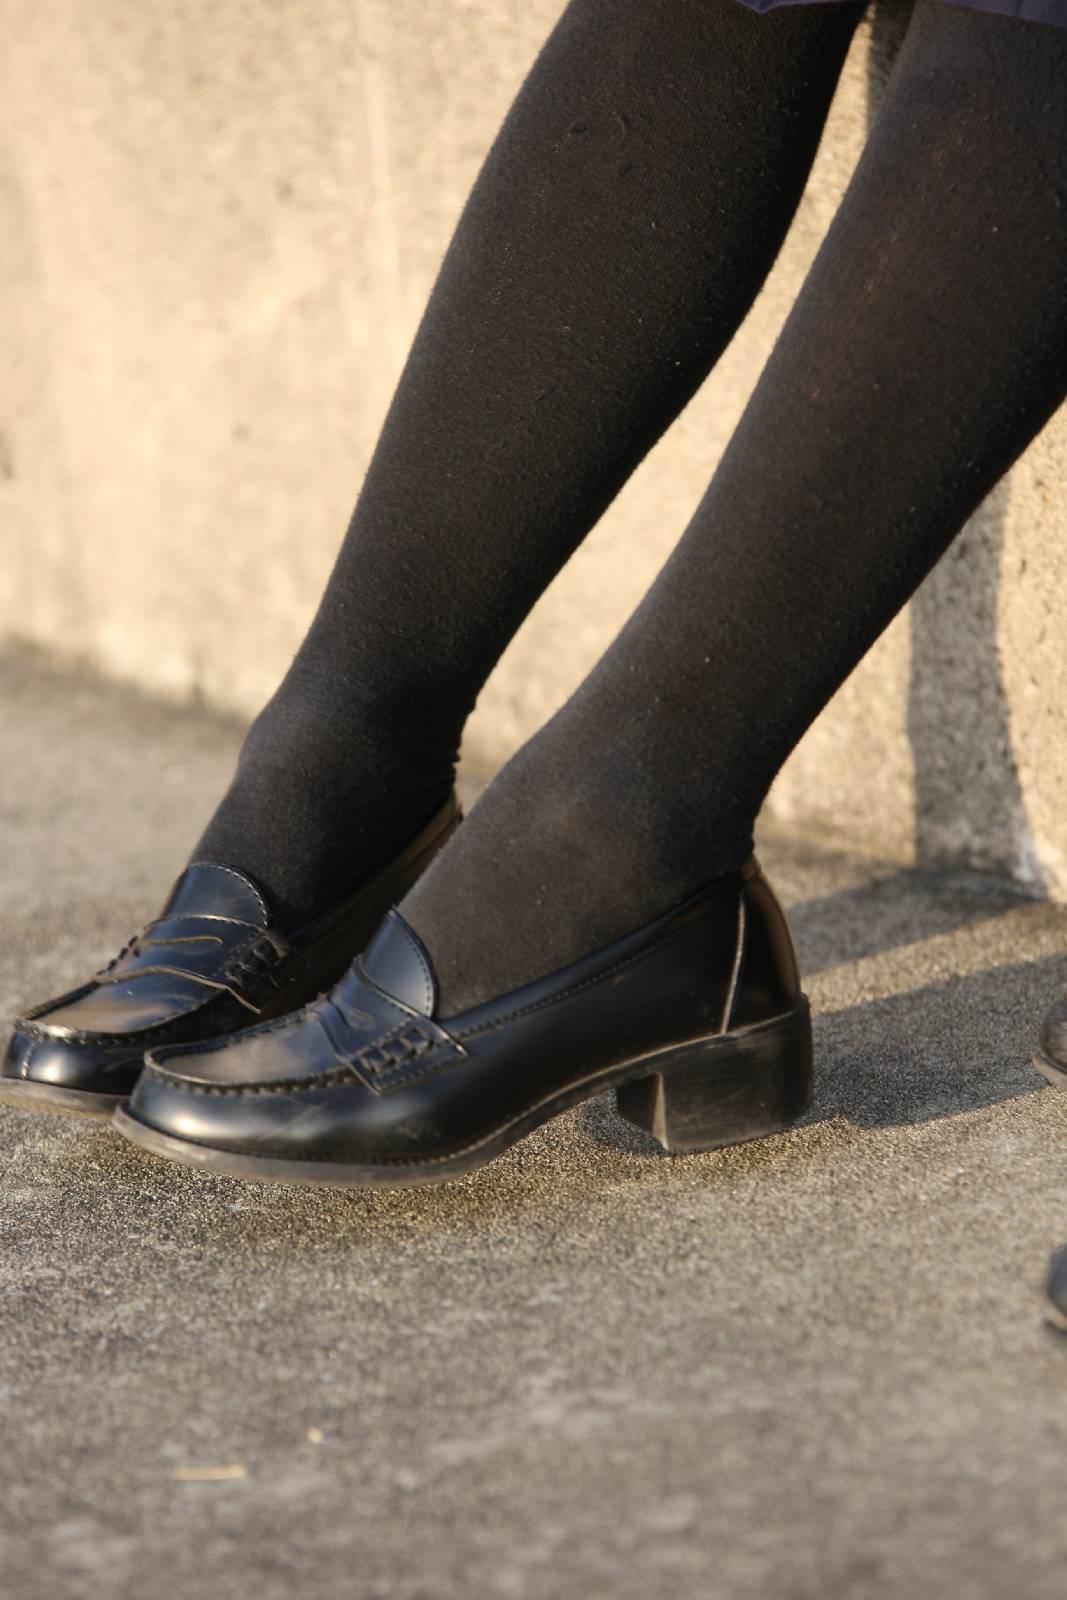 香ばしい匂いがするJKの靴下はどちらが好み??紺のハイソ派?黒のストッキング派? 7tjJJ2N